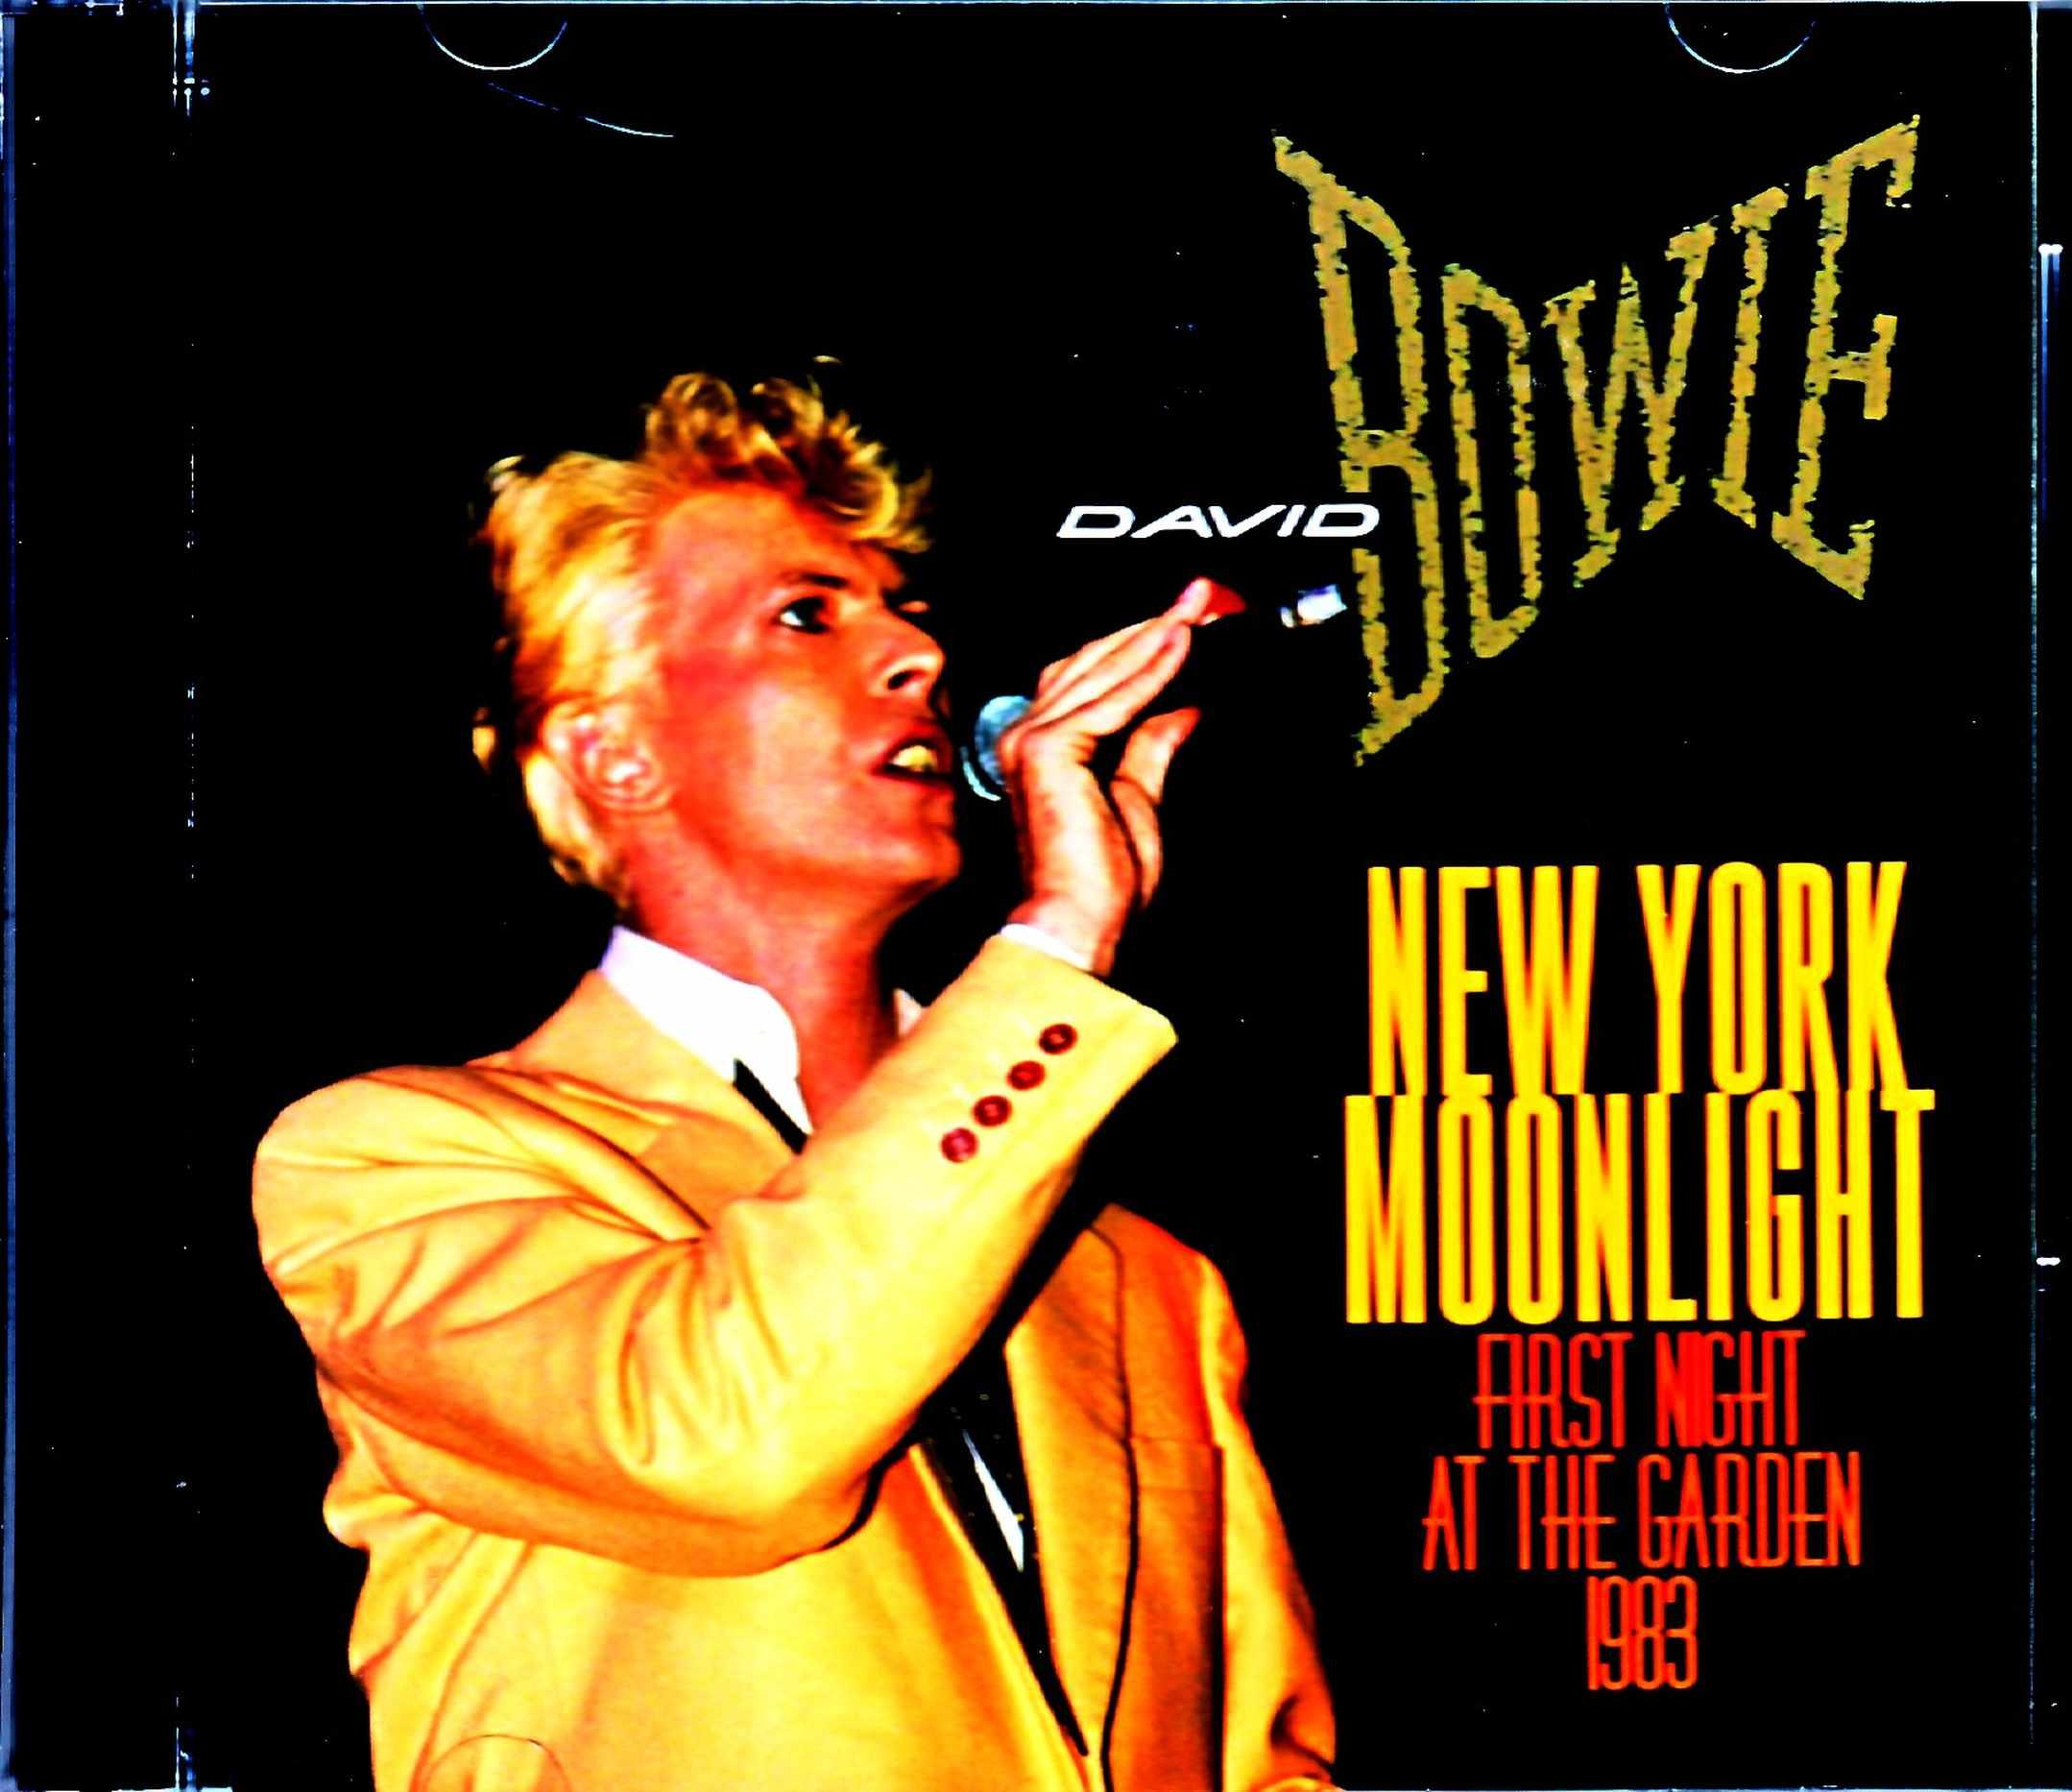 David Bowie デビッド・ボウイ/NY,USA 1983